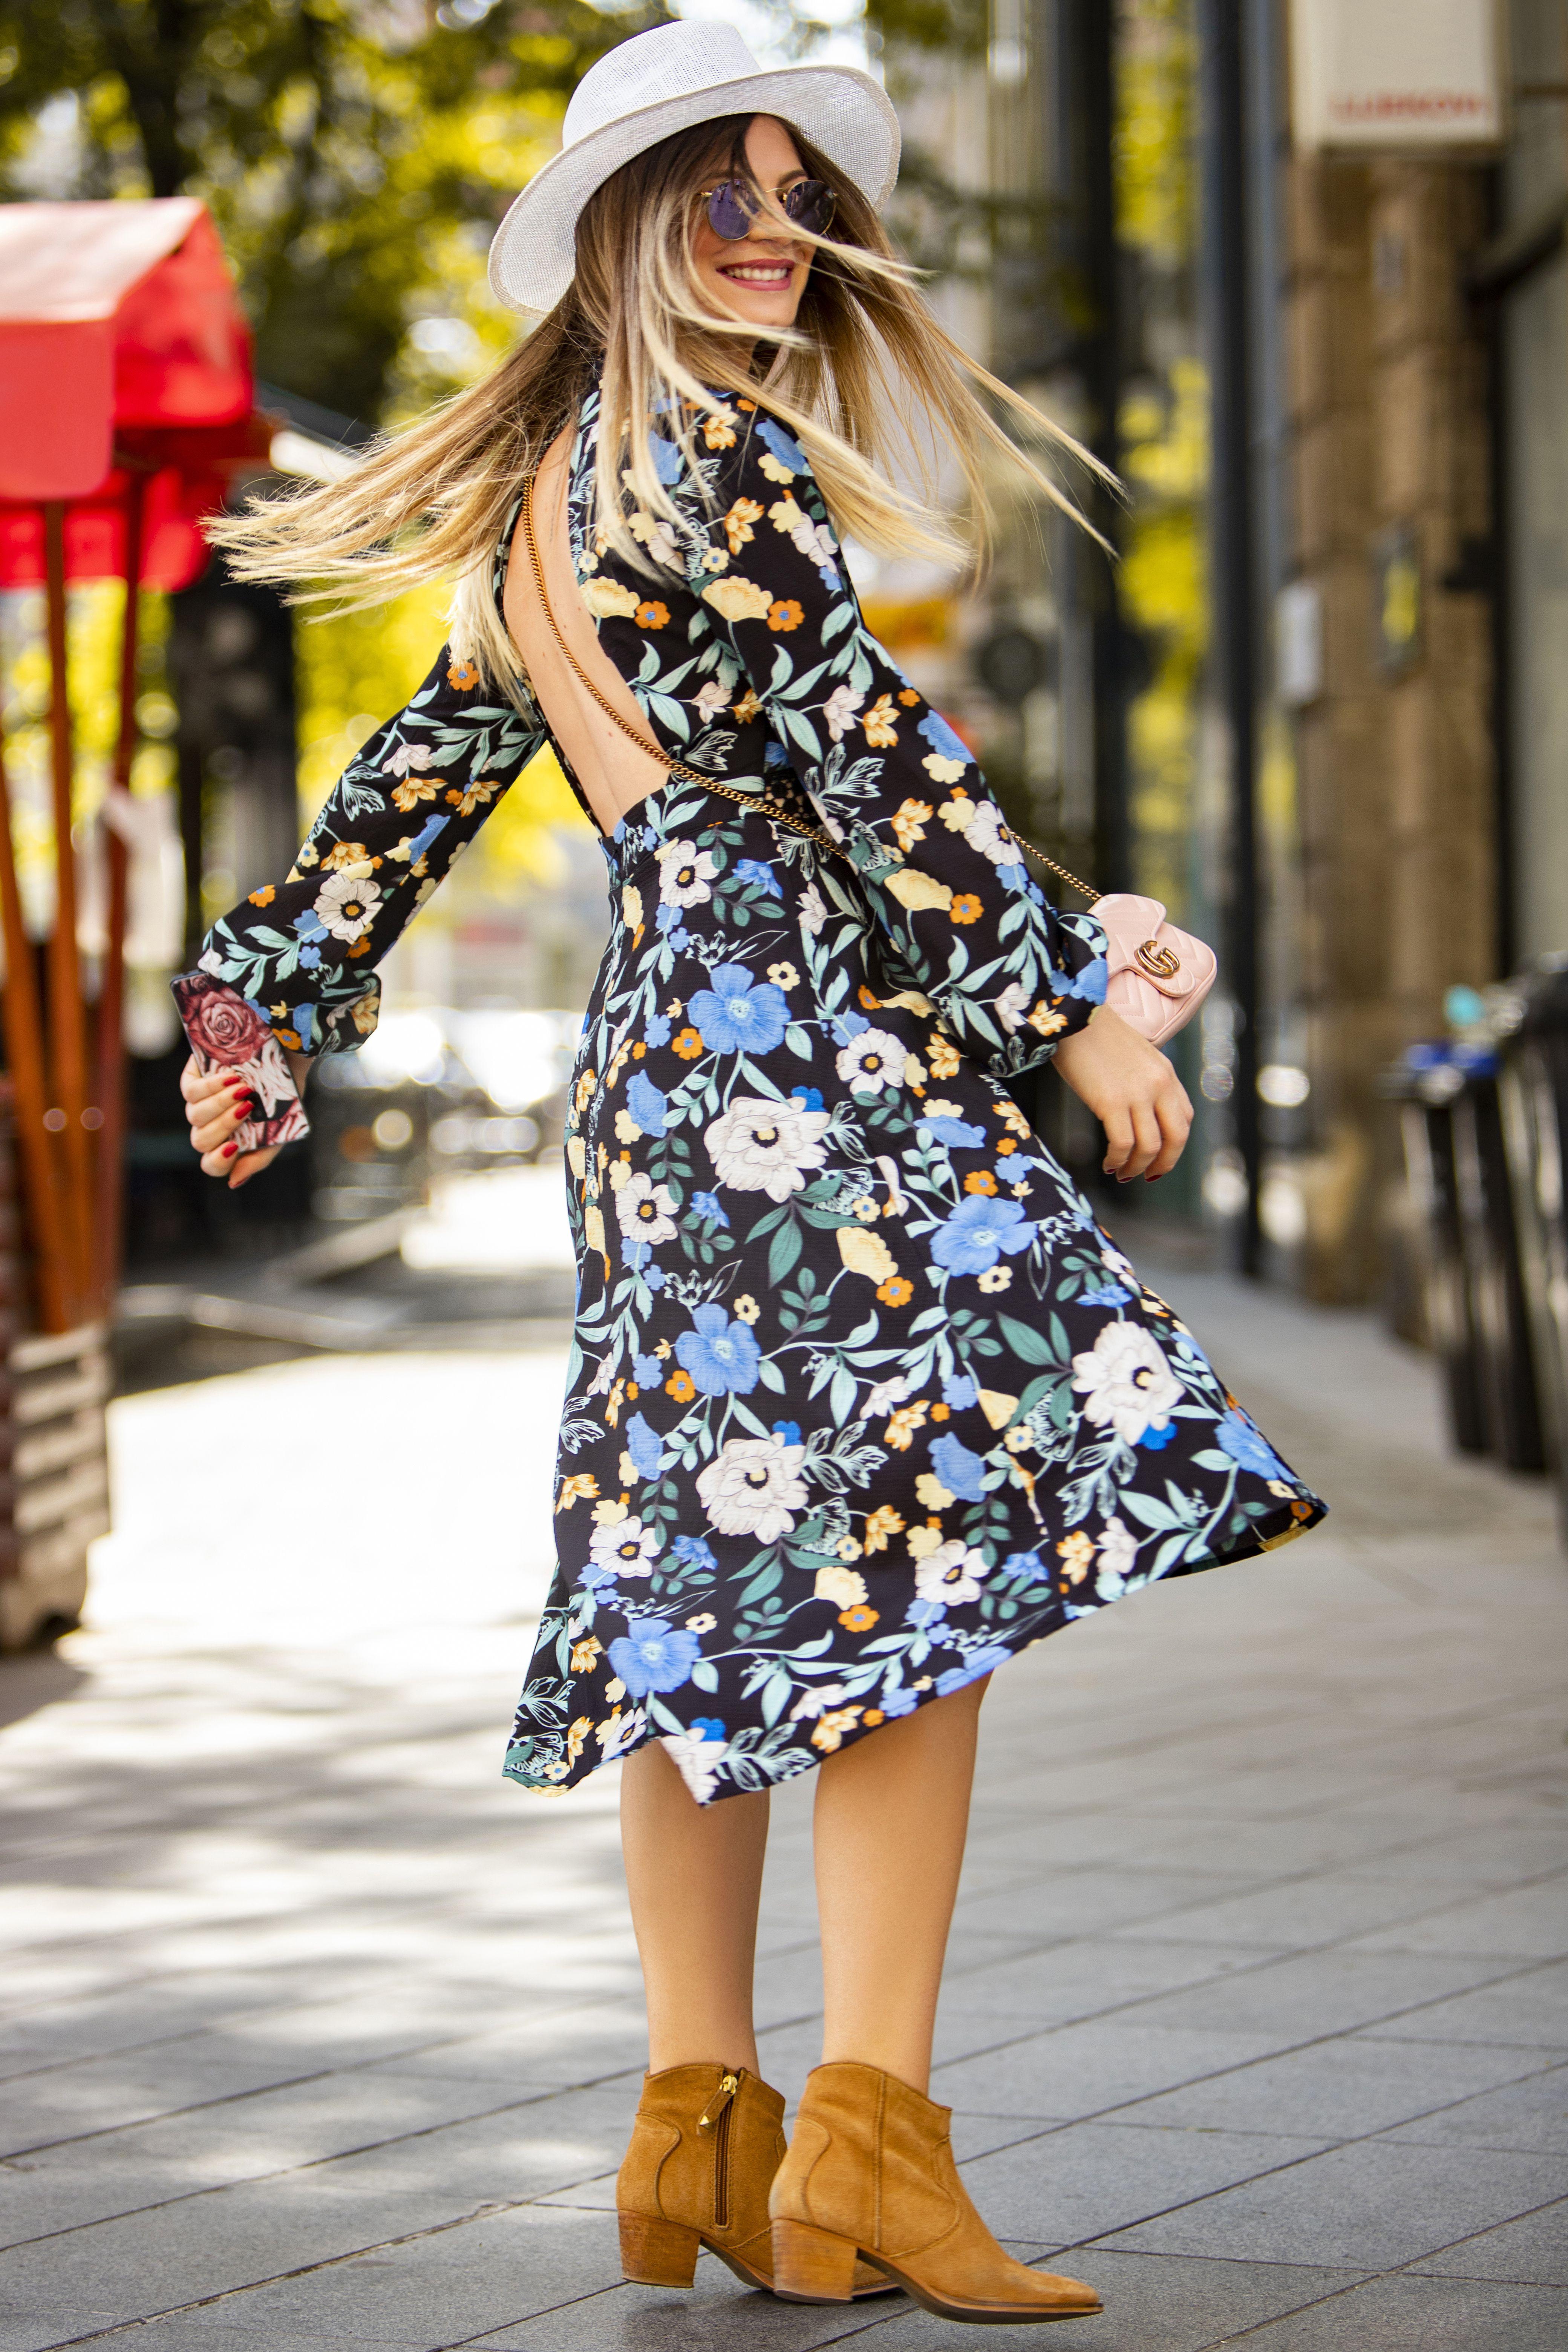 Kako je slatka! Simpatična odvjetnica nosi haljinu koja odgovara njenom raspoloženju